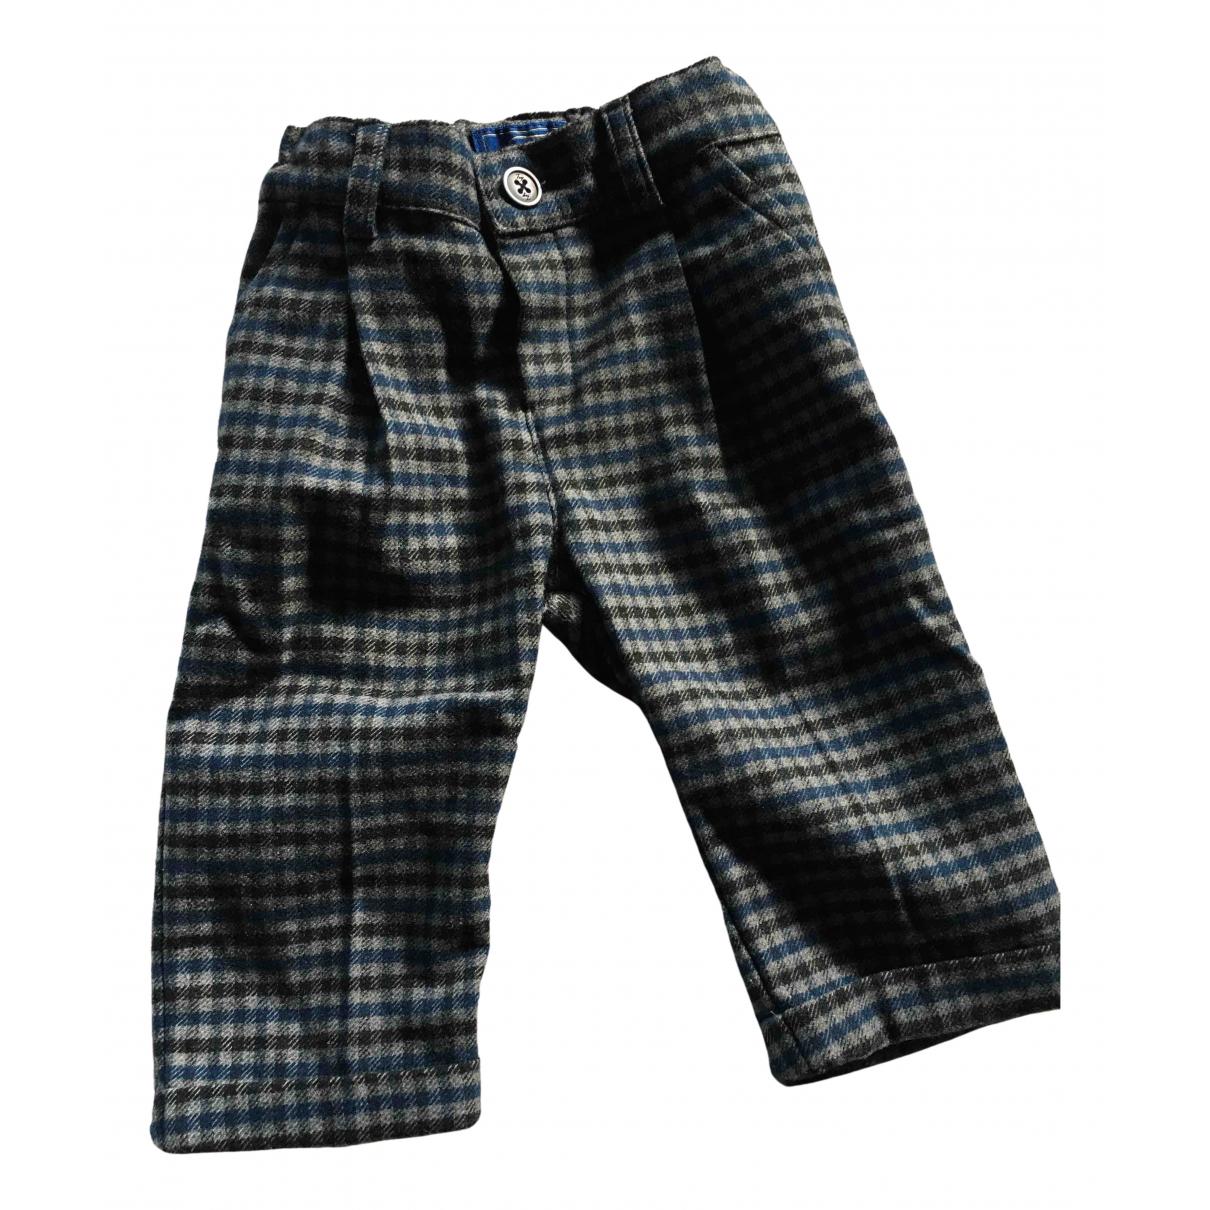 Fay - Pantalon   pour enfant - bleu